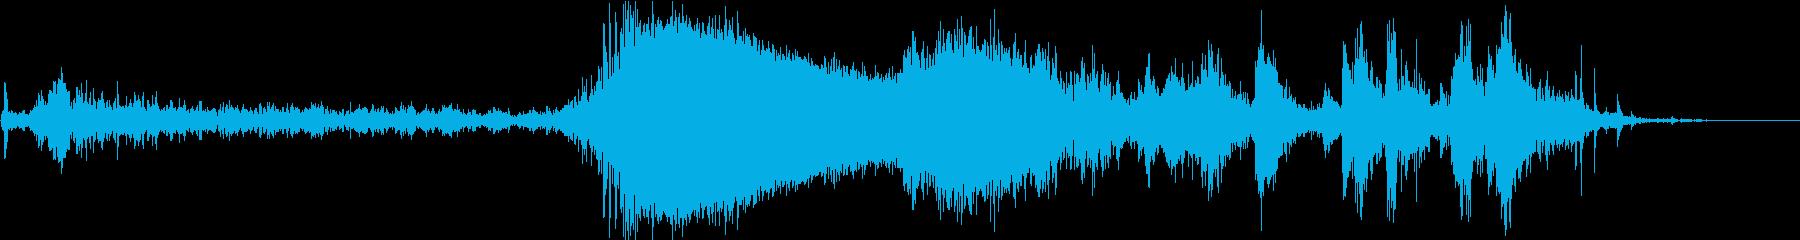 カースタート、プルアウェイ、クラッ...の再生済みの波形